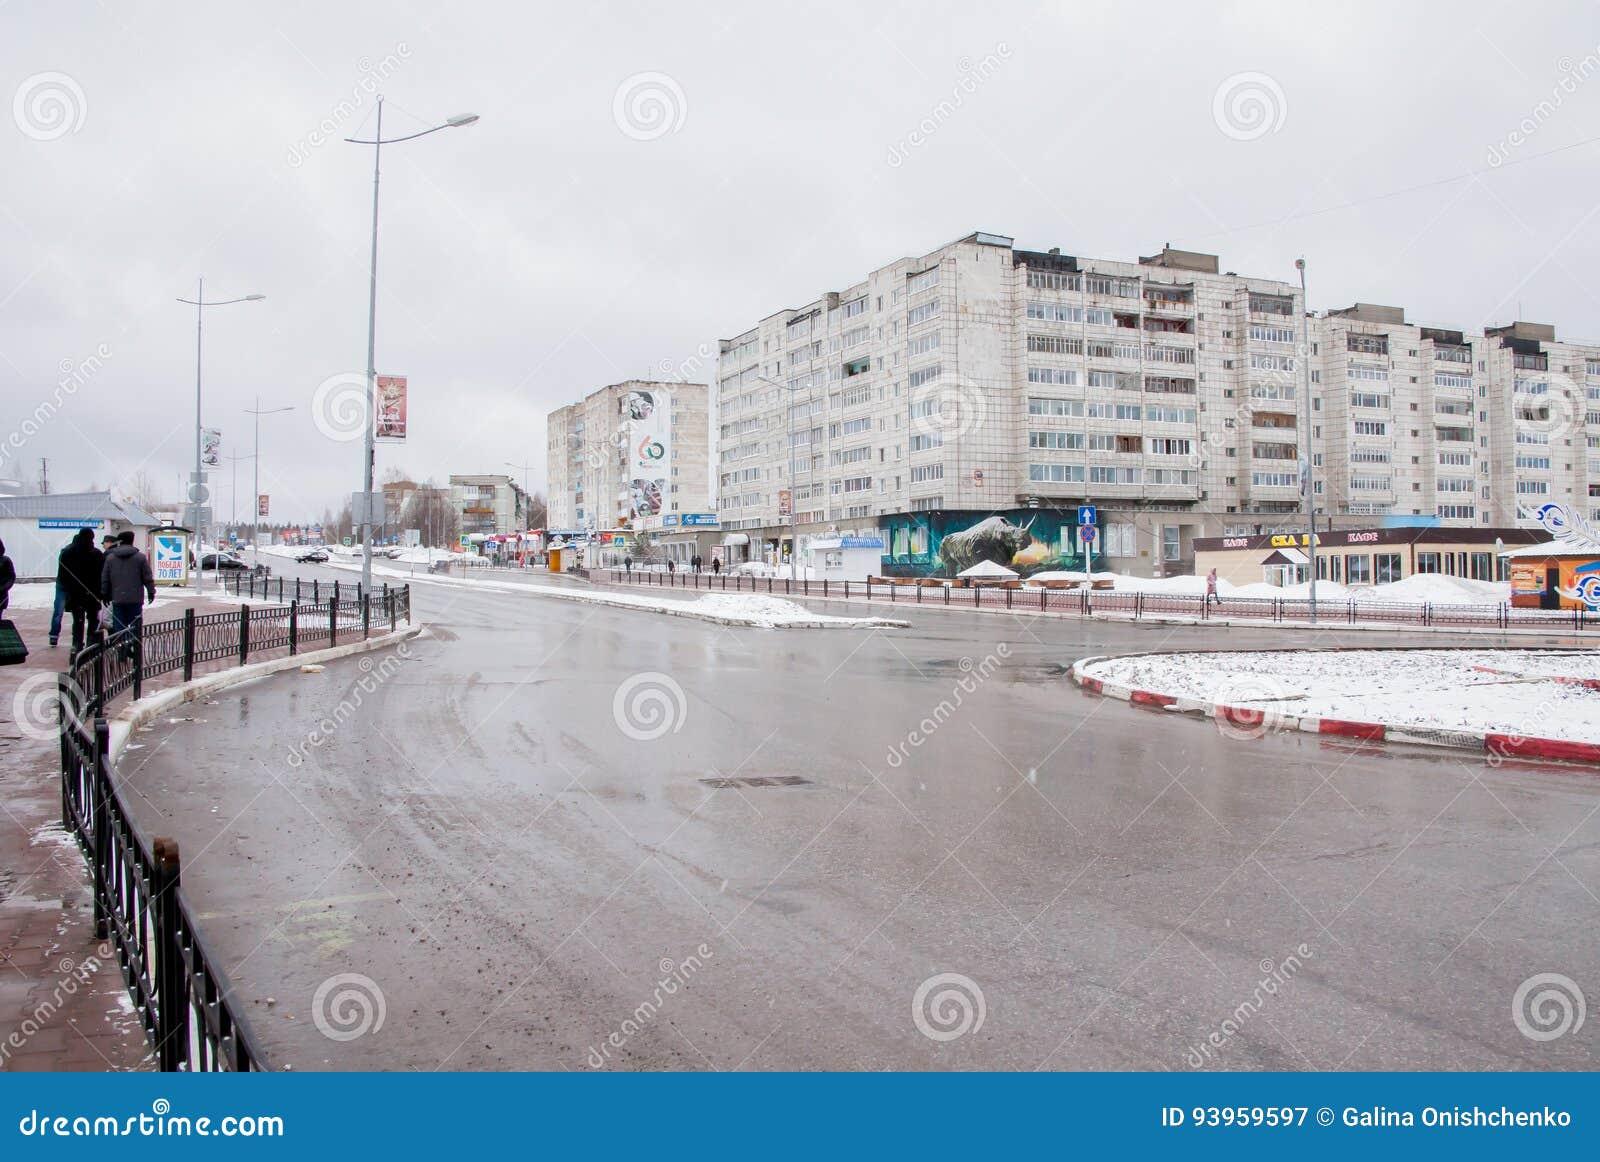 Gubakha, regione di perm, Russia - 16 aprile 2017: Terre urbane della molla